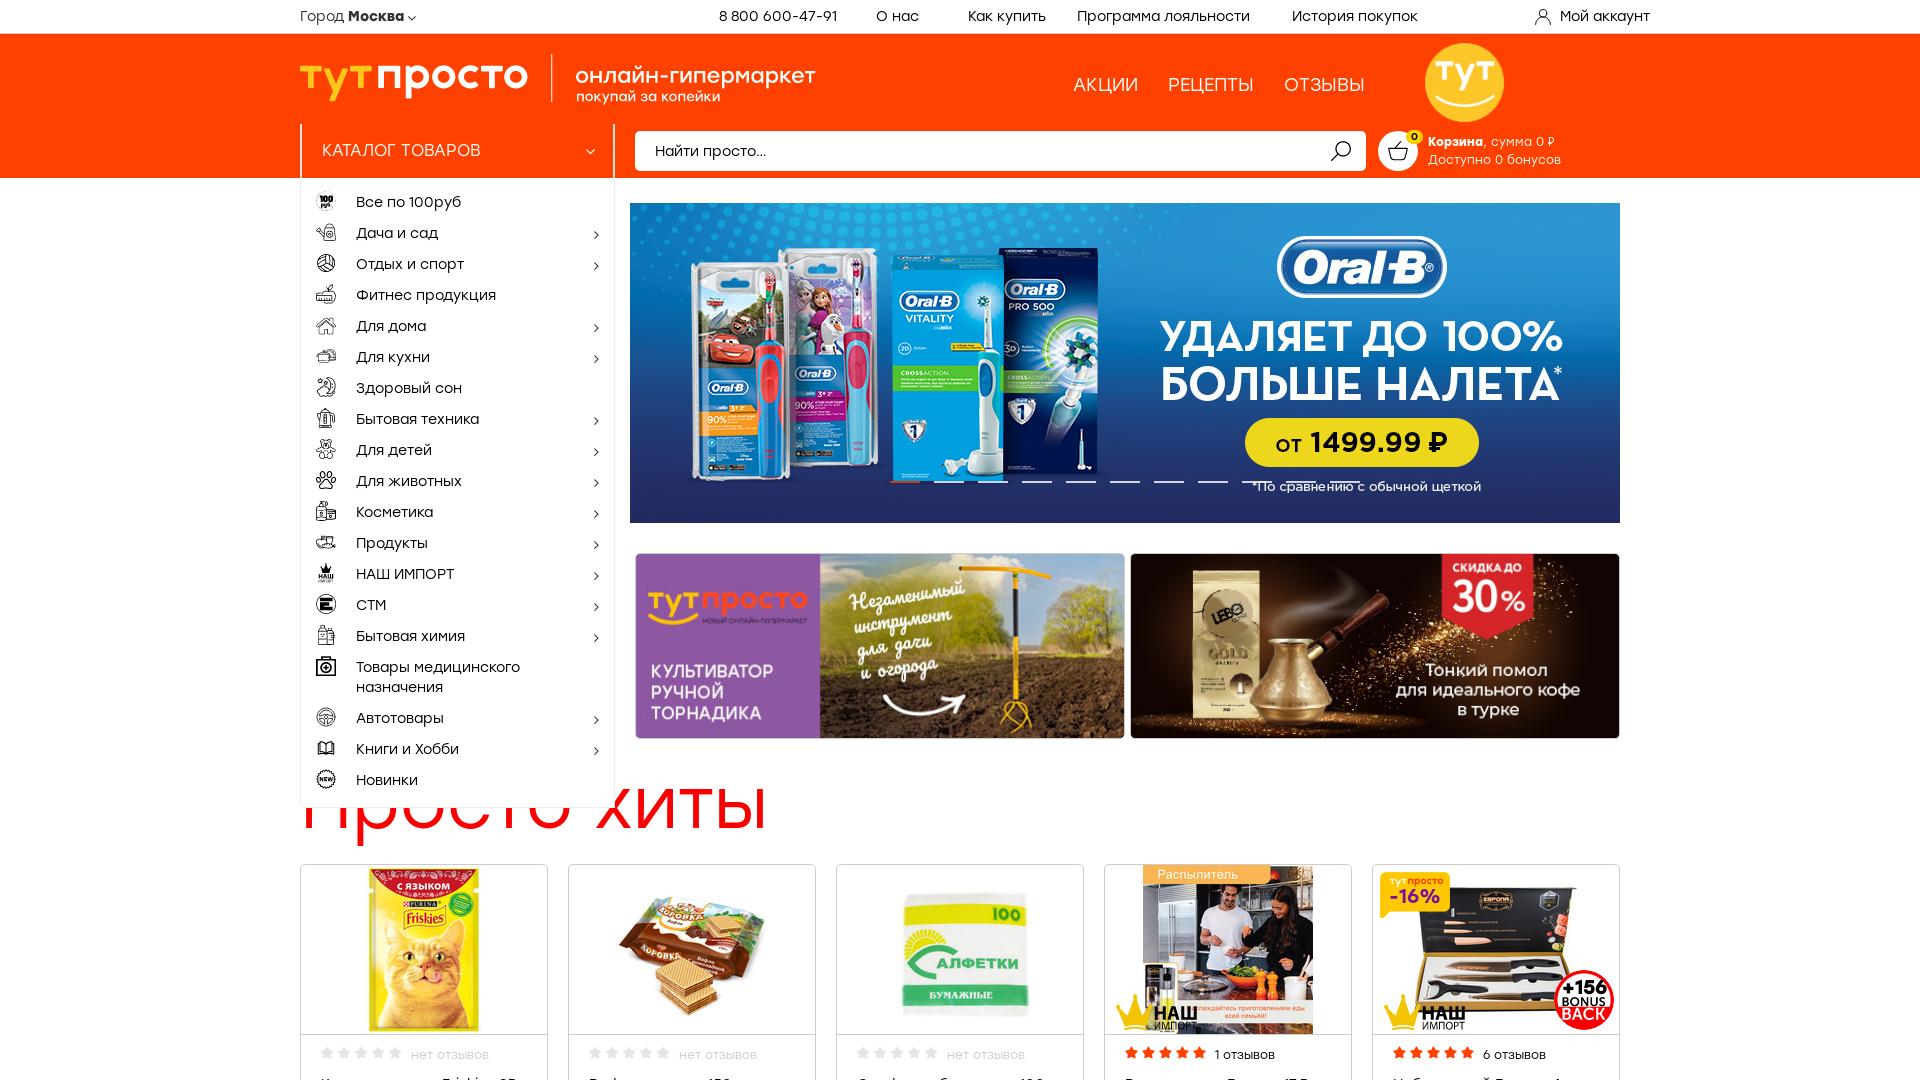 ТутПросто website